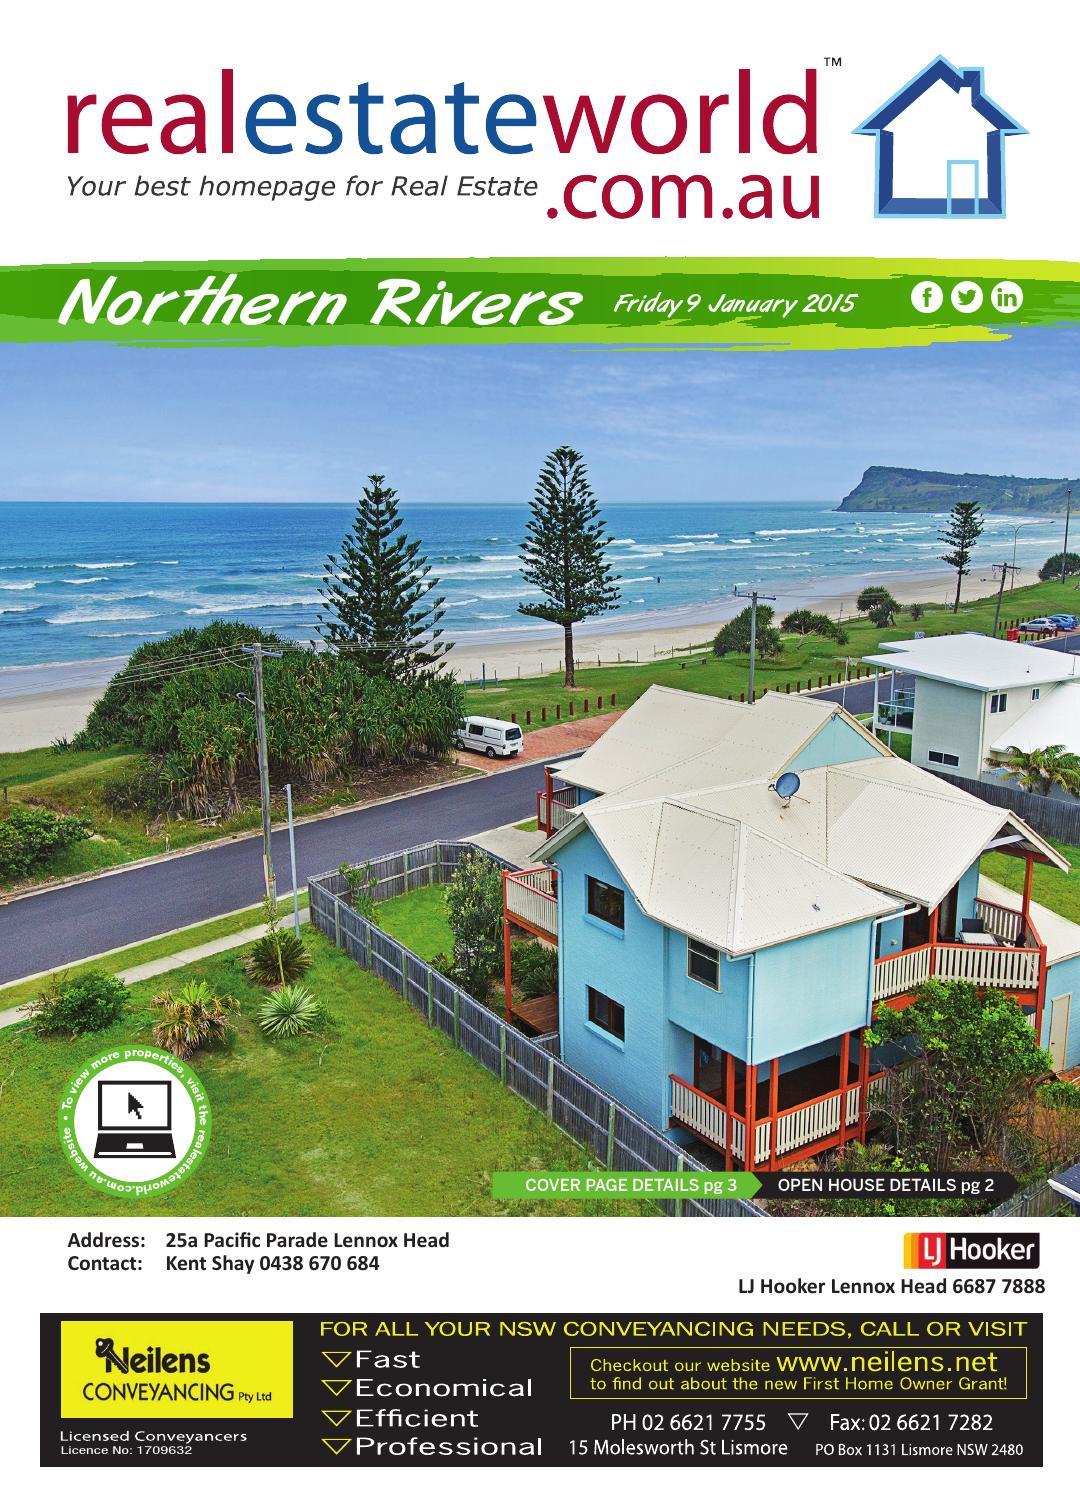 15B Bracken Street, Leamington, Waikato - Other Sold on 13